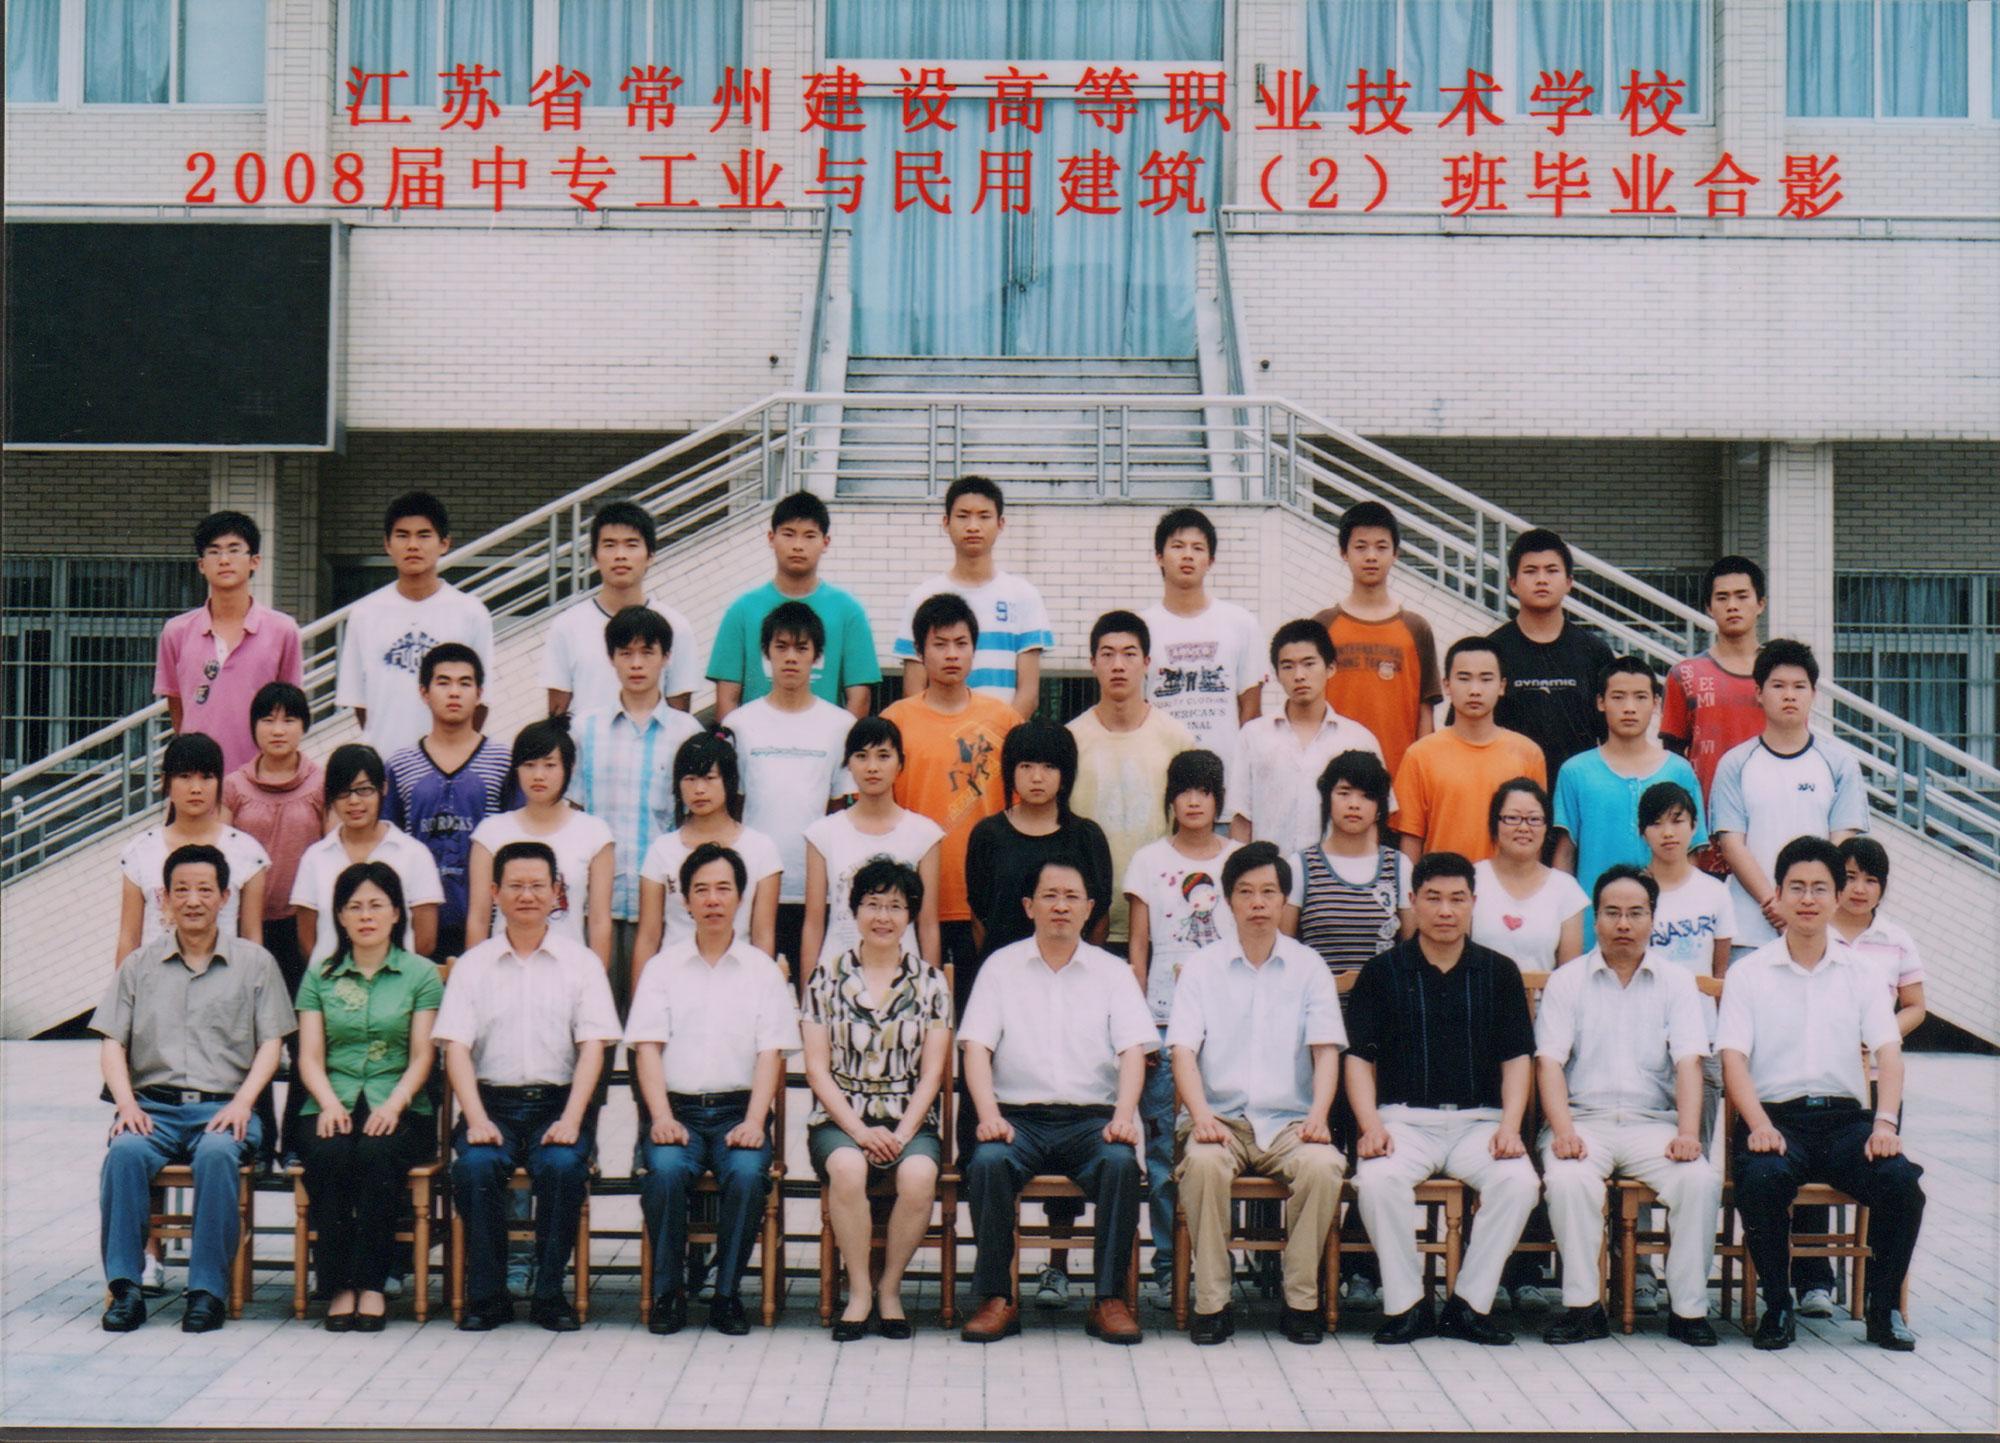 2008届中专工业与民用建筑(2)班...